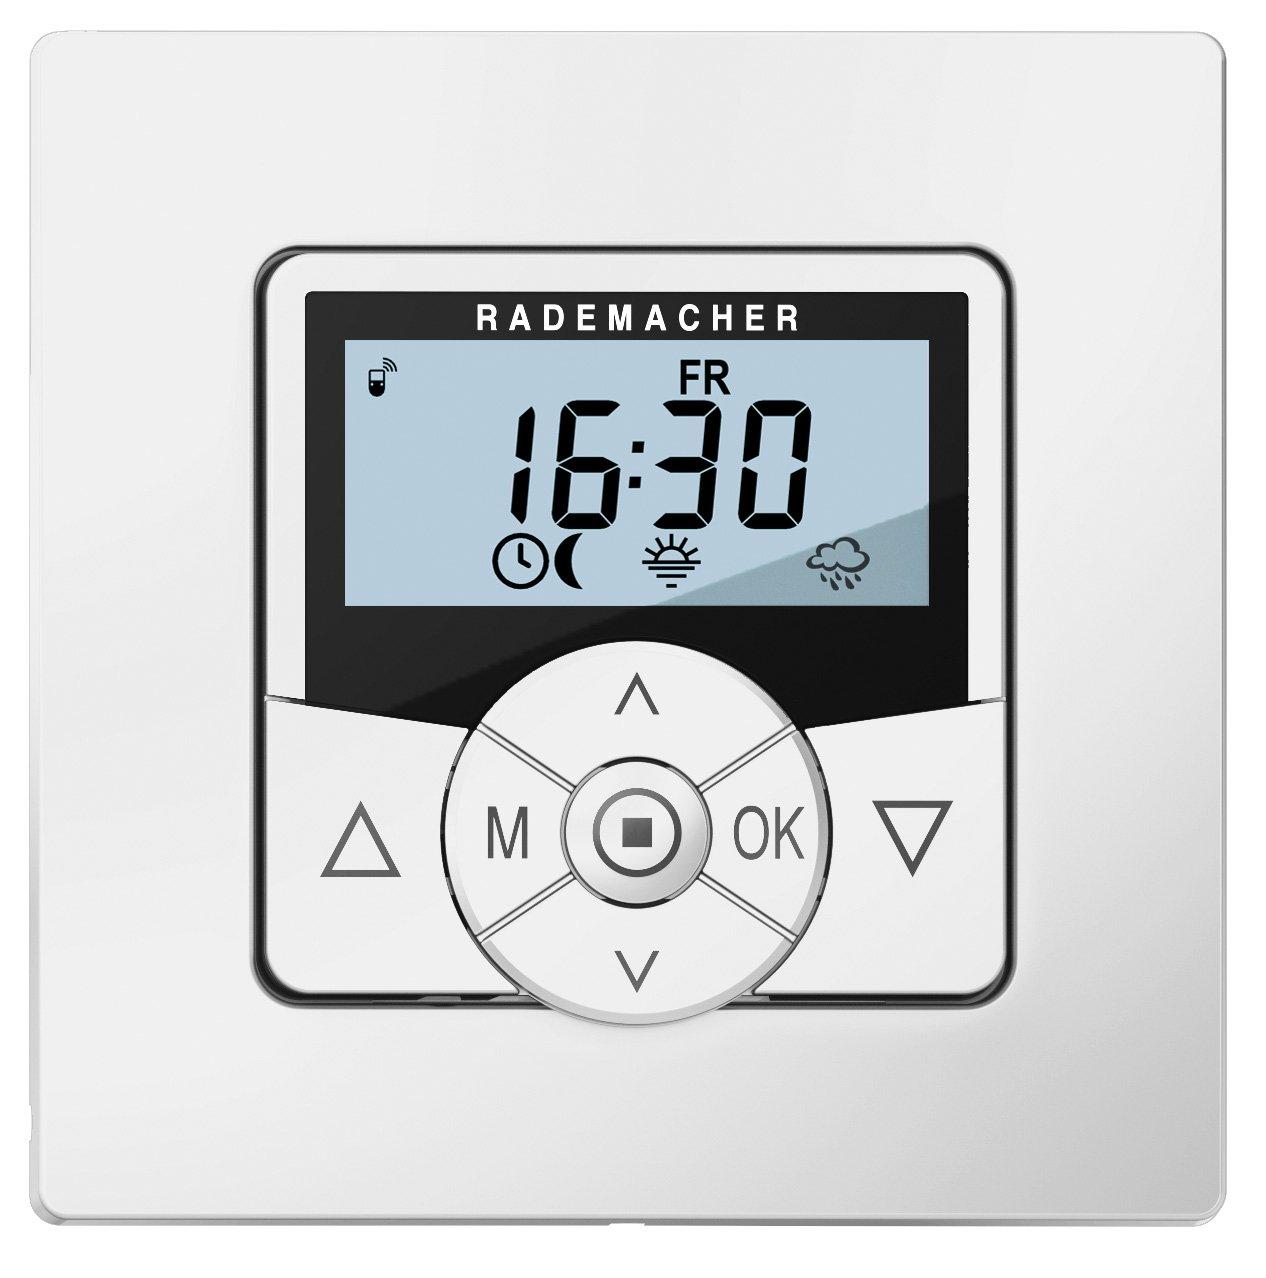 Rademacher Troll Comfort Duo Fern inklusive Rahmen, ultraweiß, 36500572  BaumarktKundenbewertung und Beschreibung